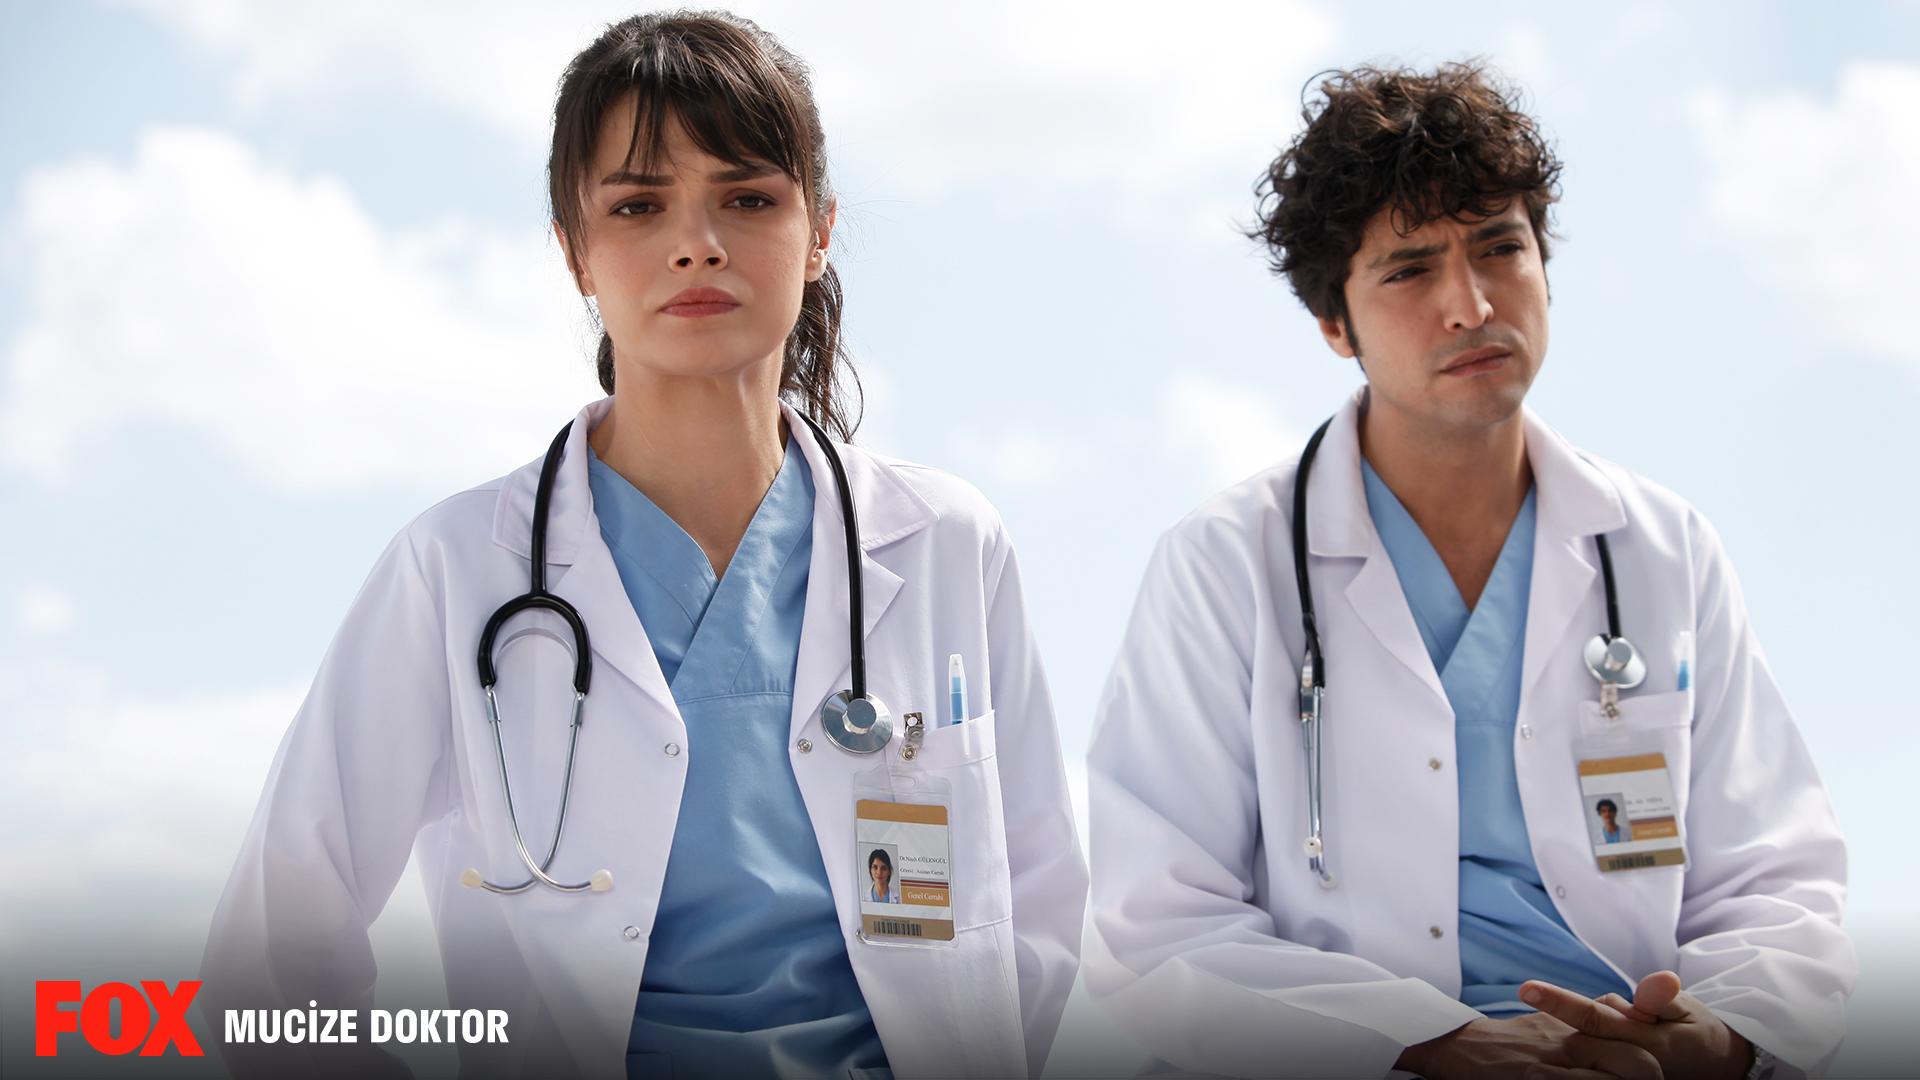 """Mucize Doktor در توییتر """"Ali ve Nazlı'nın #AlNaz olmadığı zamanlar... # MucizeDoktor https://t.co/vj5RkVTOYT… """""""